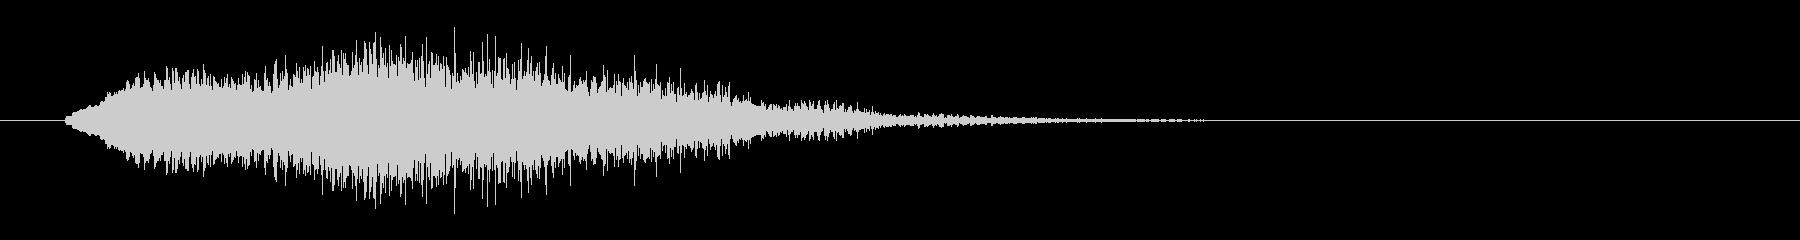 深い残響のエレピサウンドロゴの未再生の波形